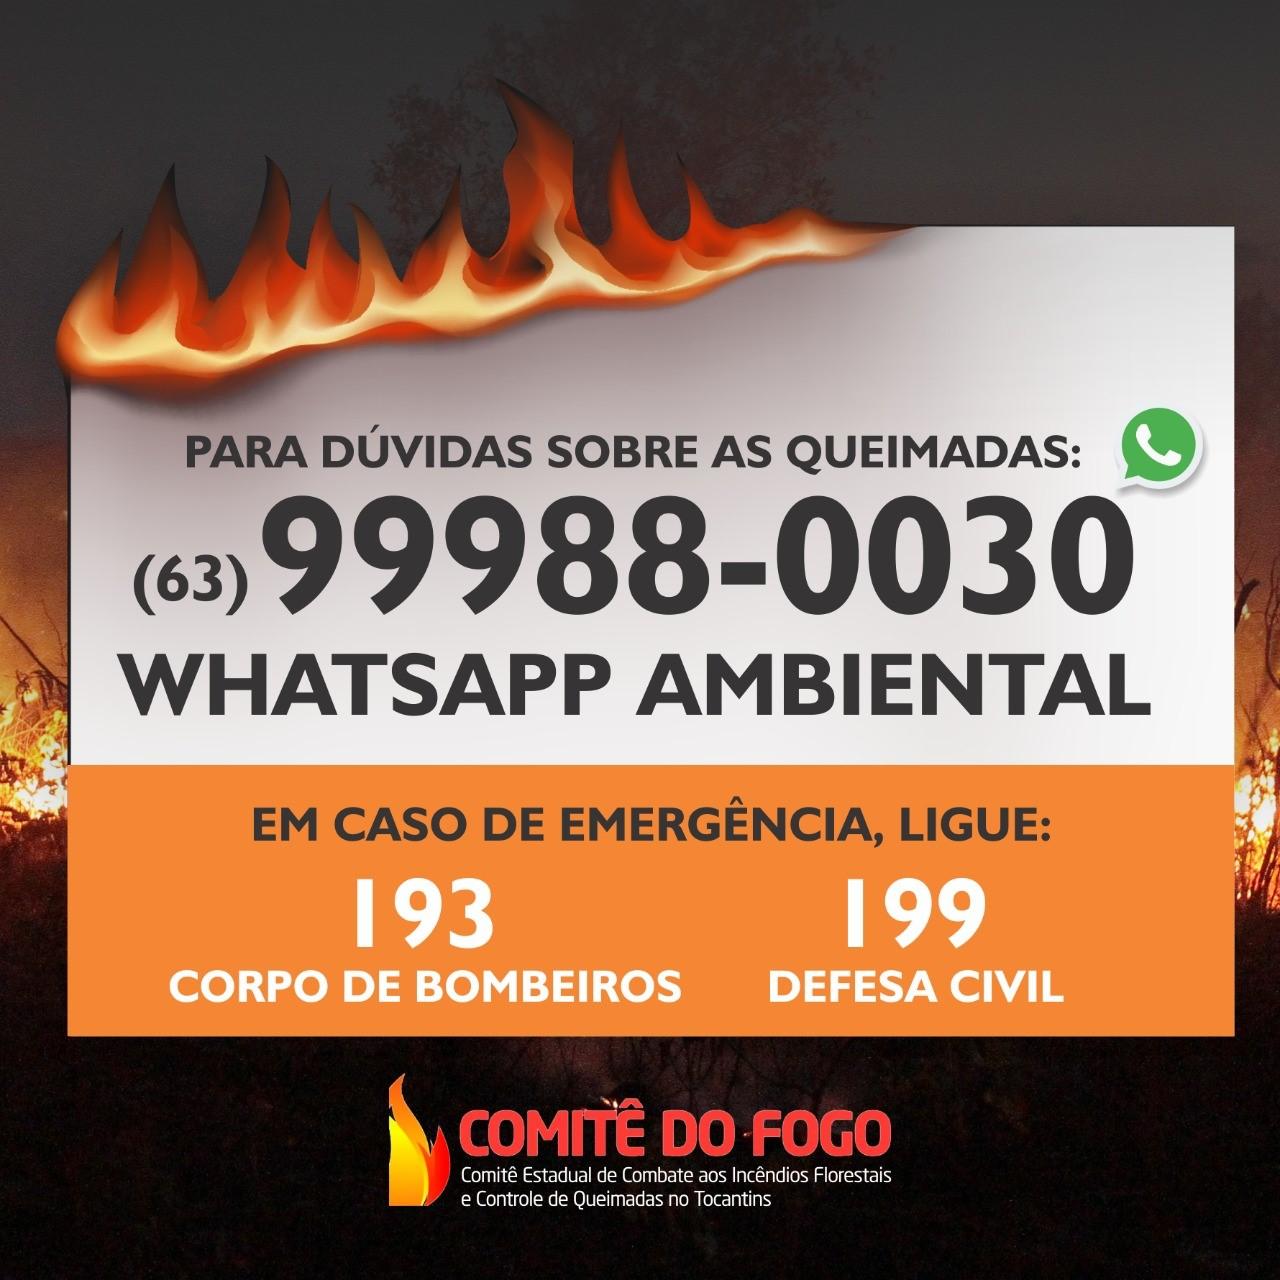 Semarh disponibiliza WhatsApp Ambiental para tirar dúvidas da população em relação às queimadas no Estado